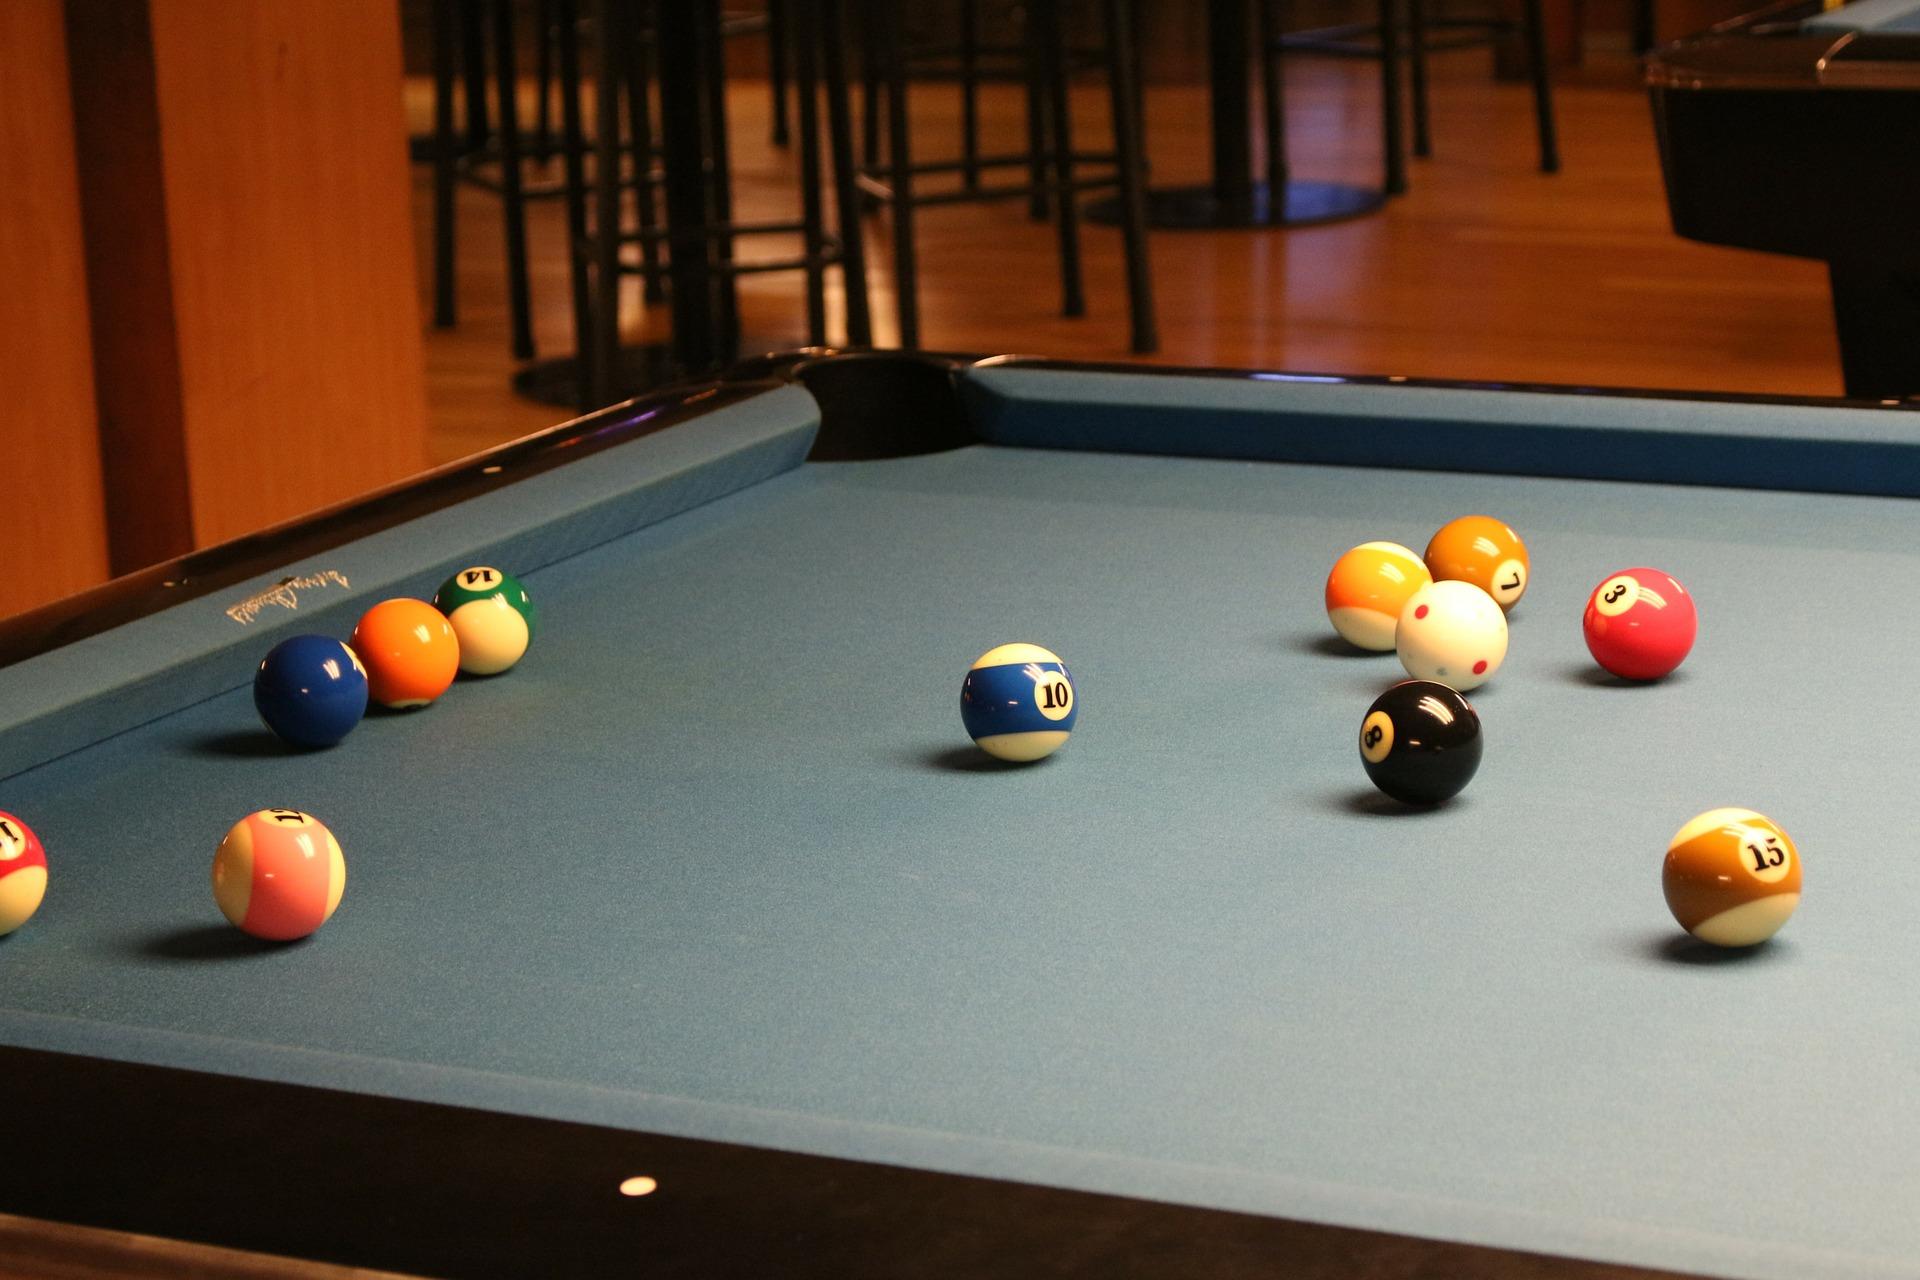 Pool balls on a budget pool table